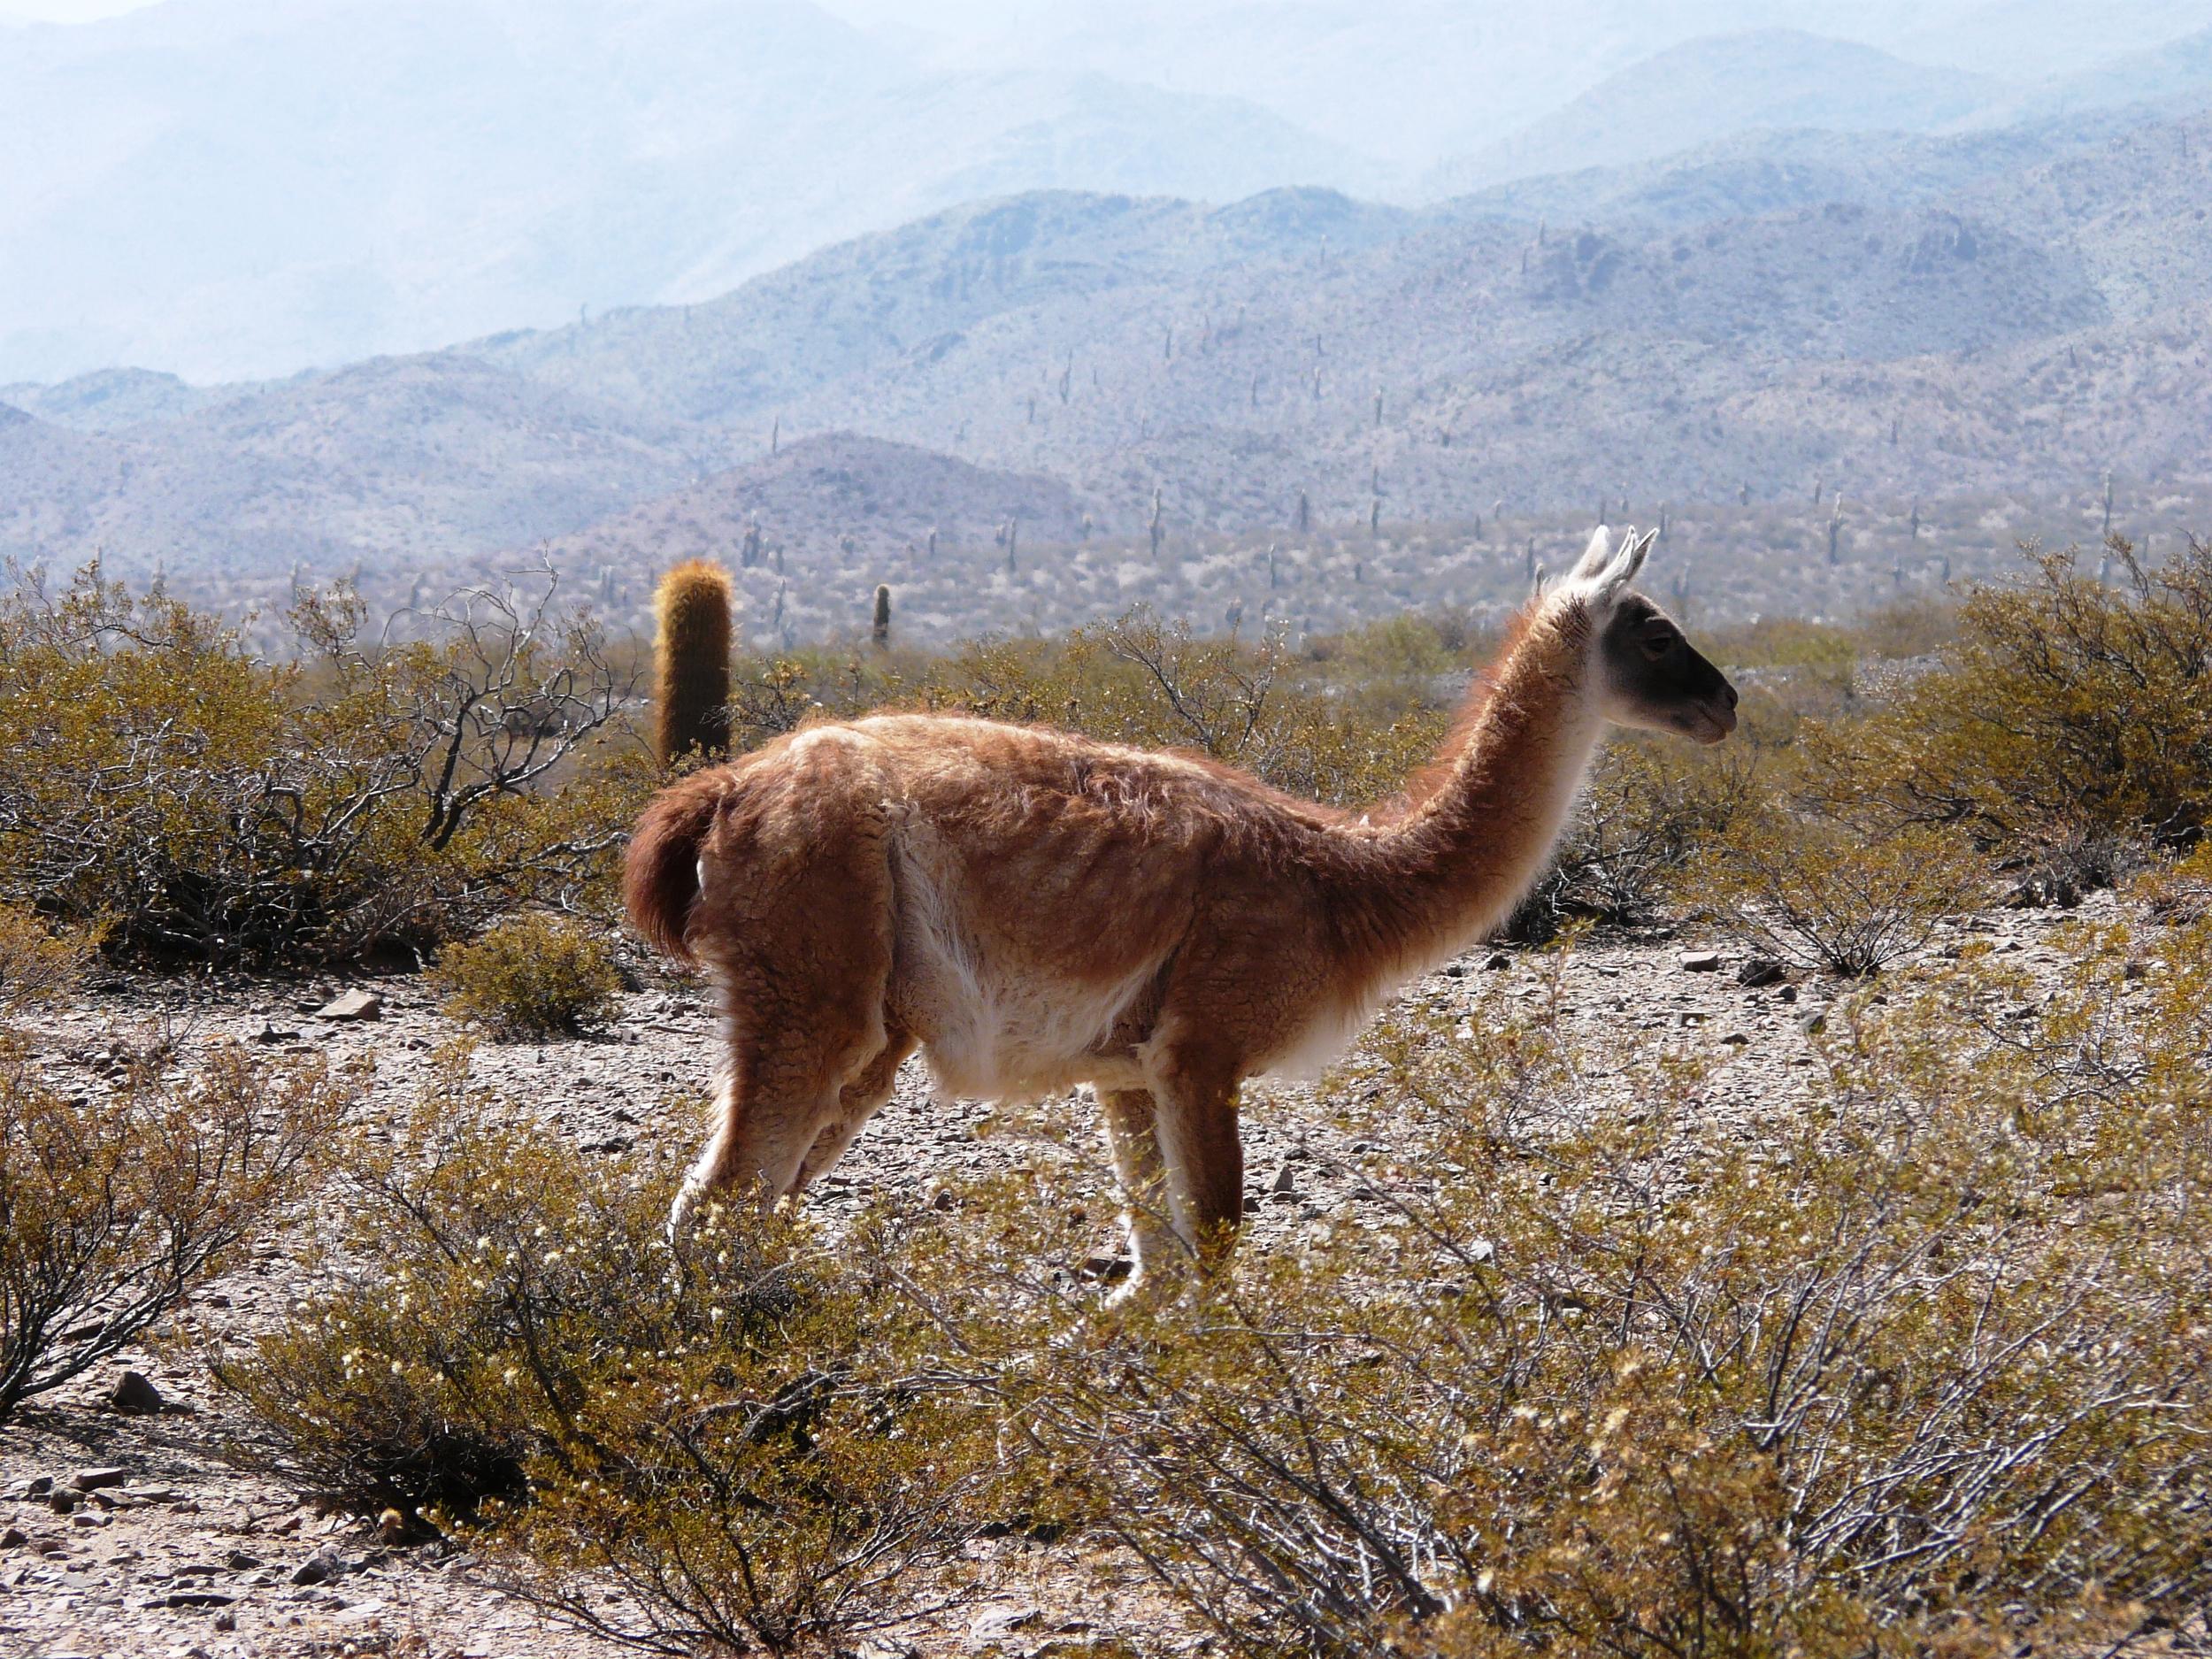 A guanaco ( Lama guanicoe )in theParque Nacional Los Cardones near Cachi, Argentina (2500 m elevation).